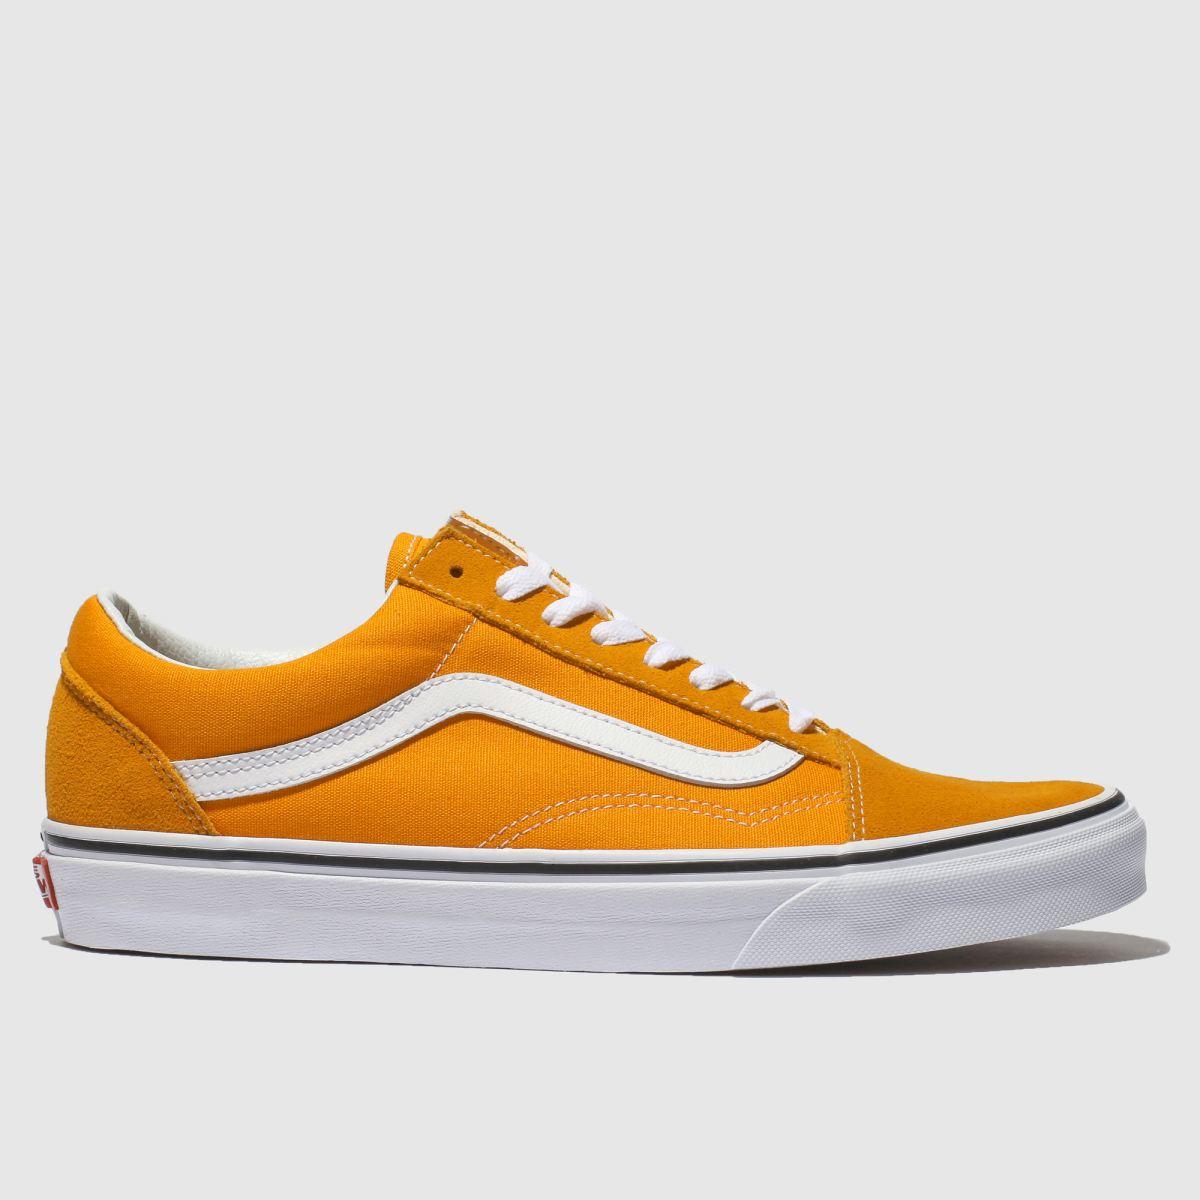 Vans Orange Old Skool Trainers